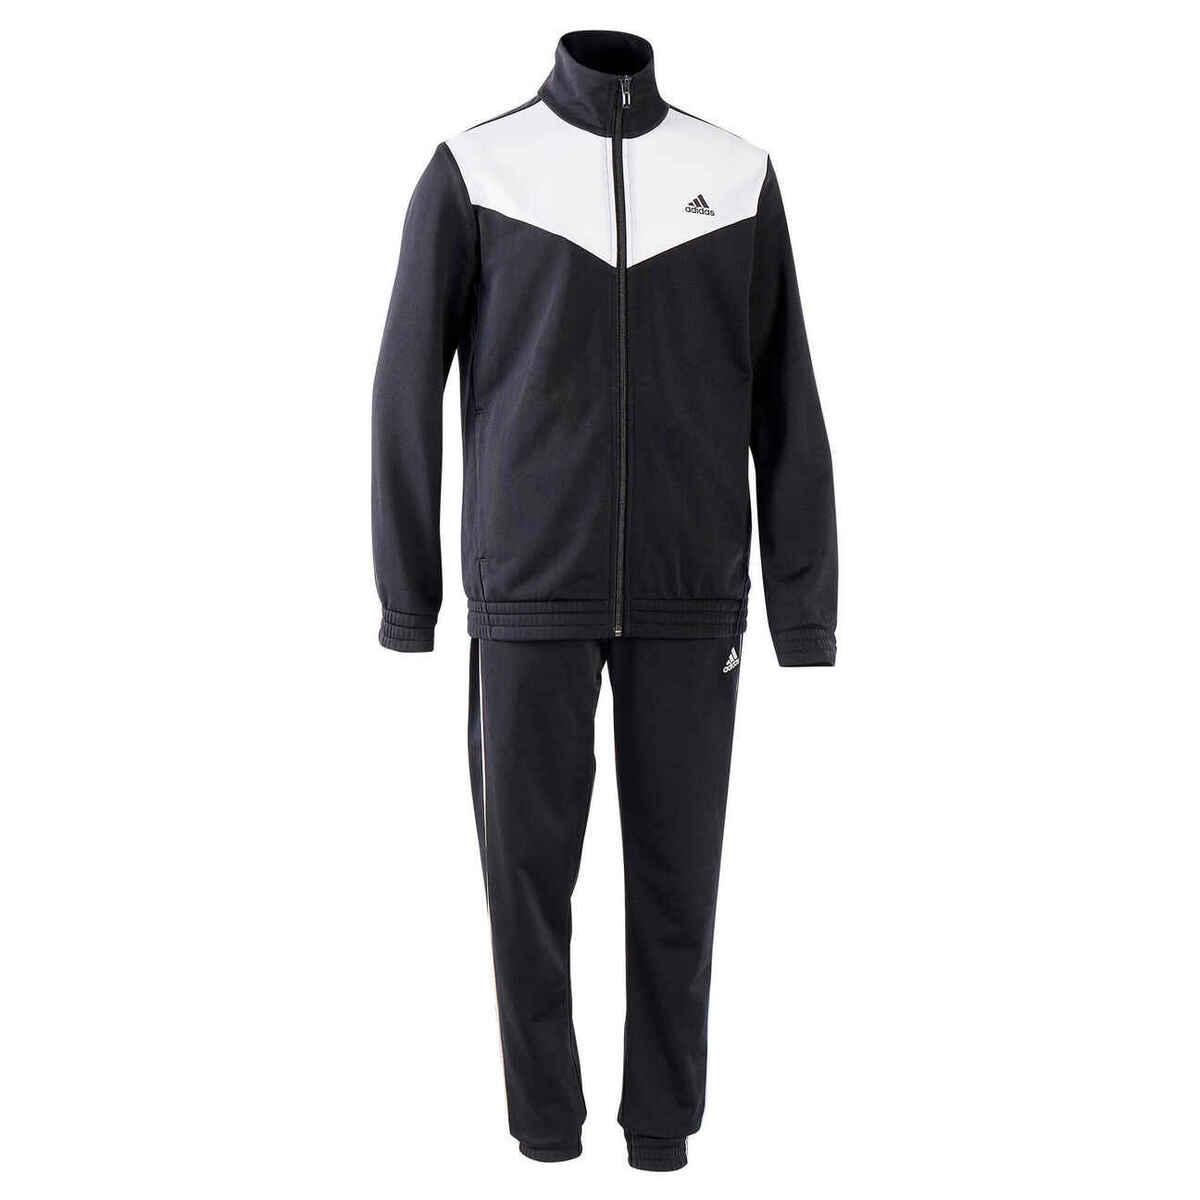 Bild 1 von Trainingsanzug Adidas Kinder schwarz